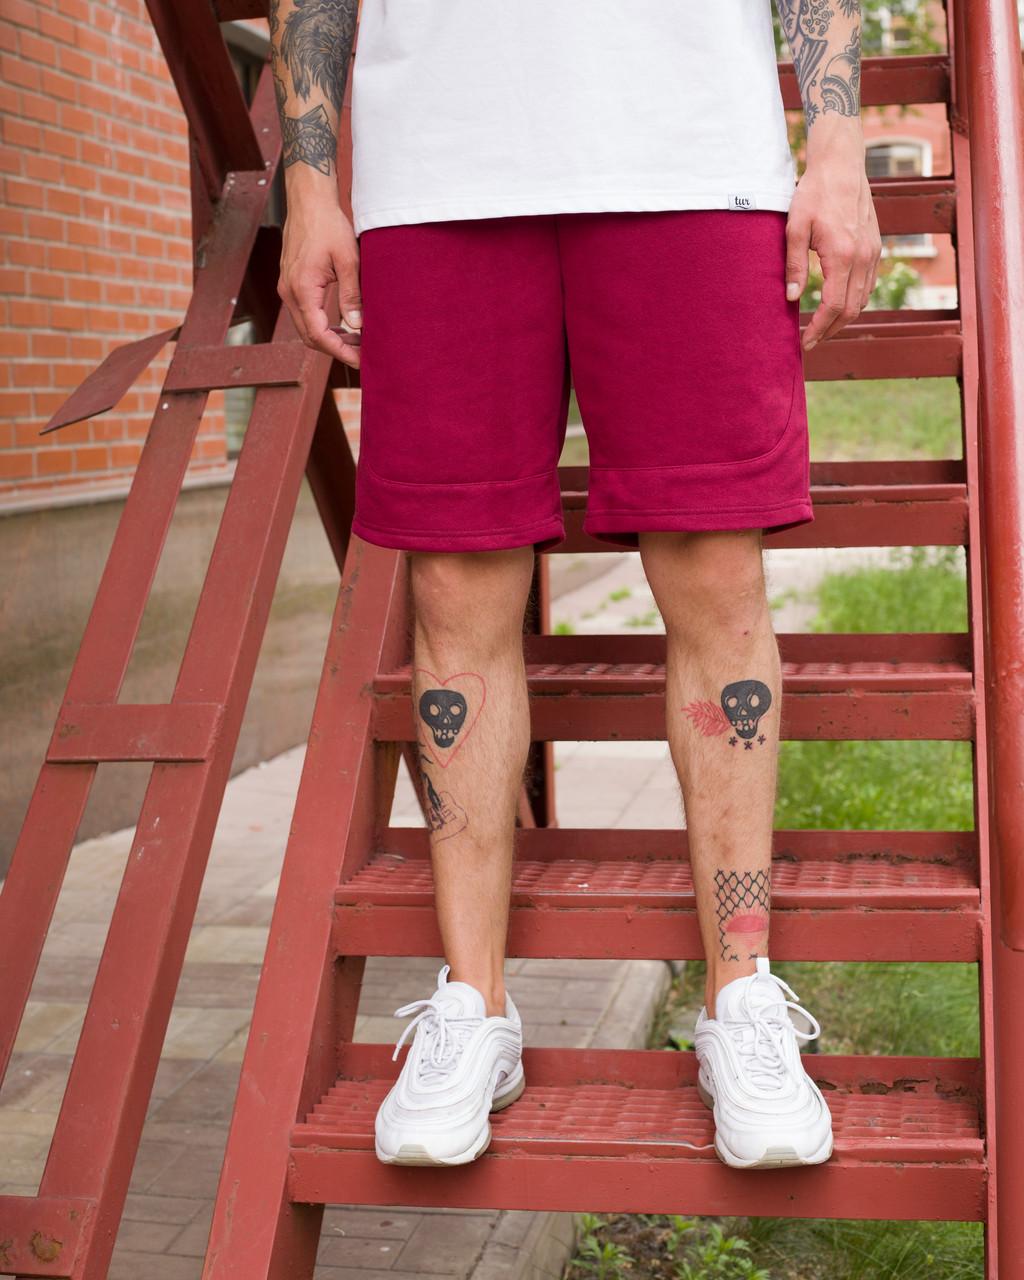 Шорты мужские бордовые бренд ТУР модель Сэм (Sam) размер  L